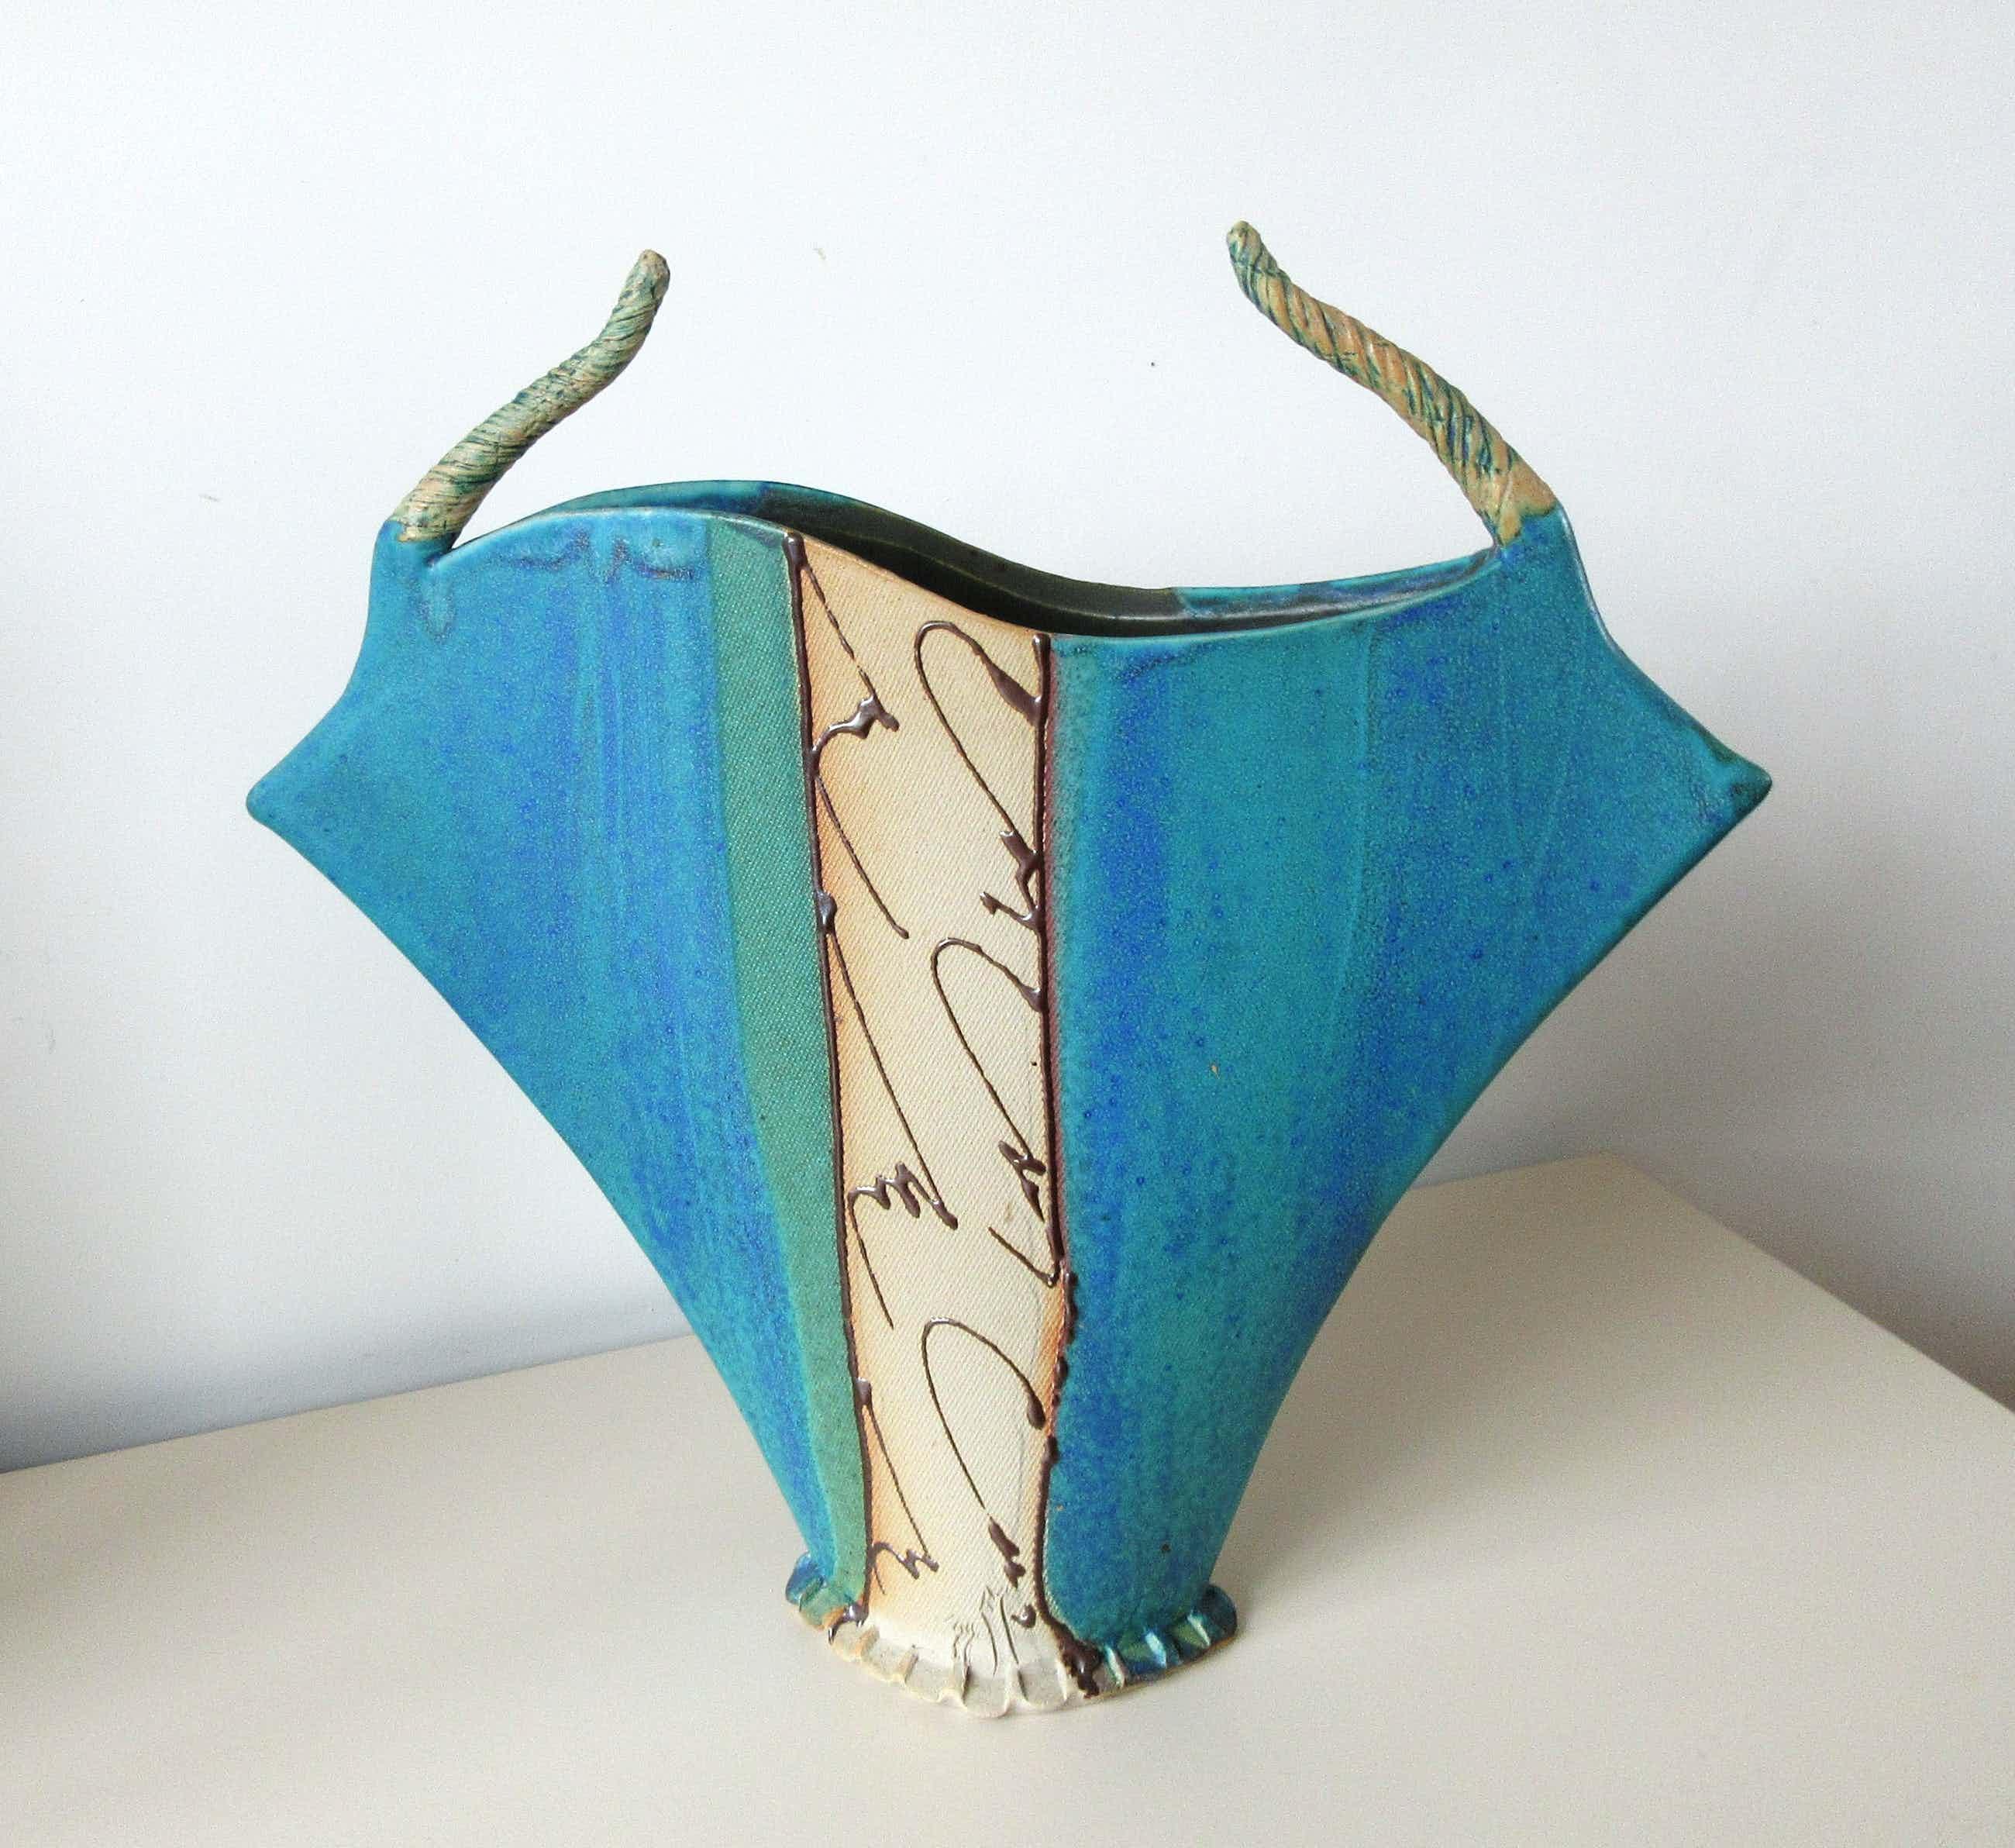 Ed Meissenberg - Kunst Keramisch Unica Object kopen? Bied vanaf 65!